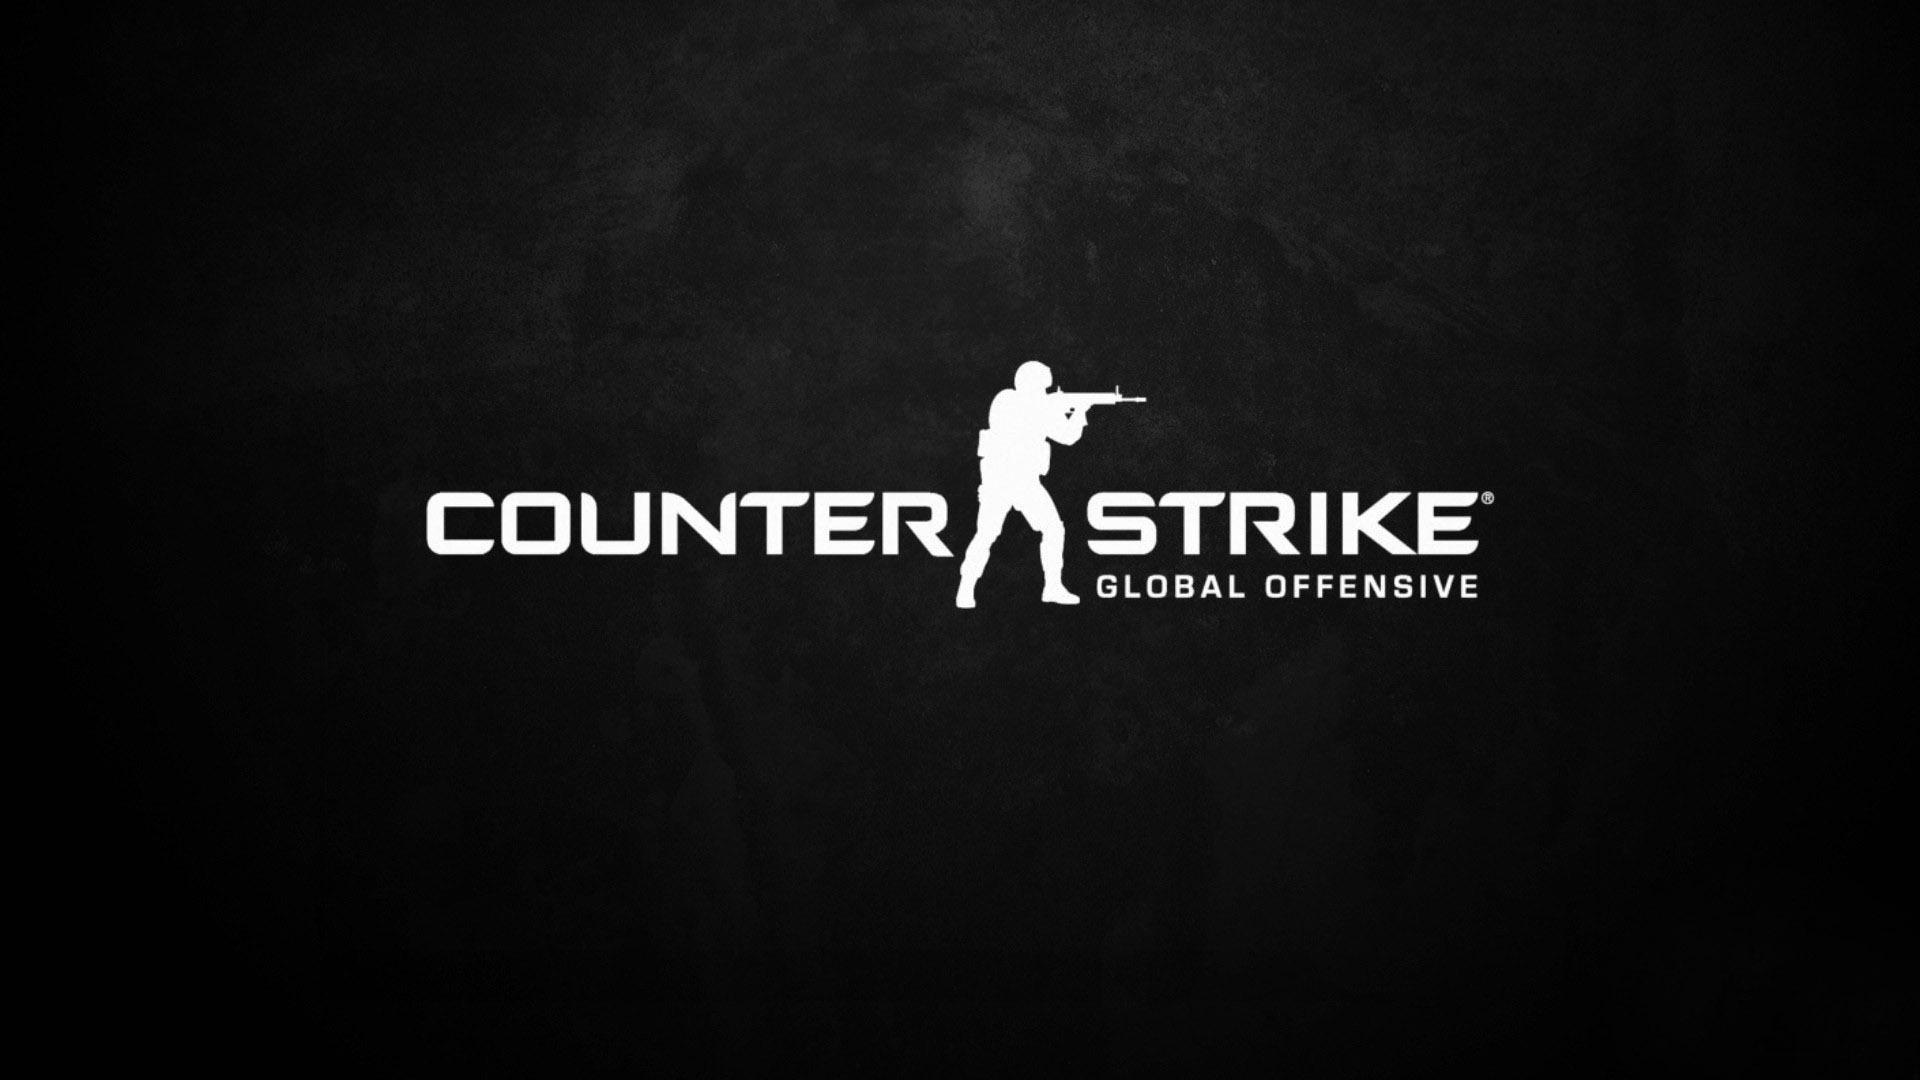 Counter Strike Global Offensive Hd Wallpaper On Winningcom